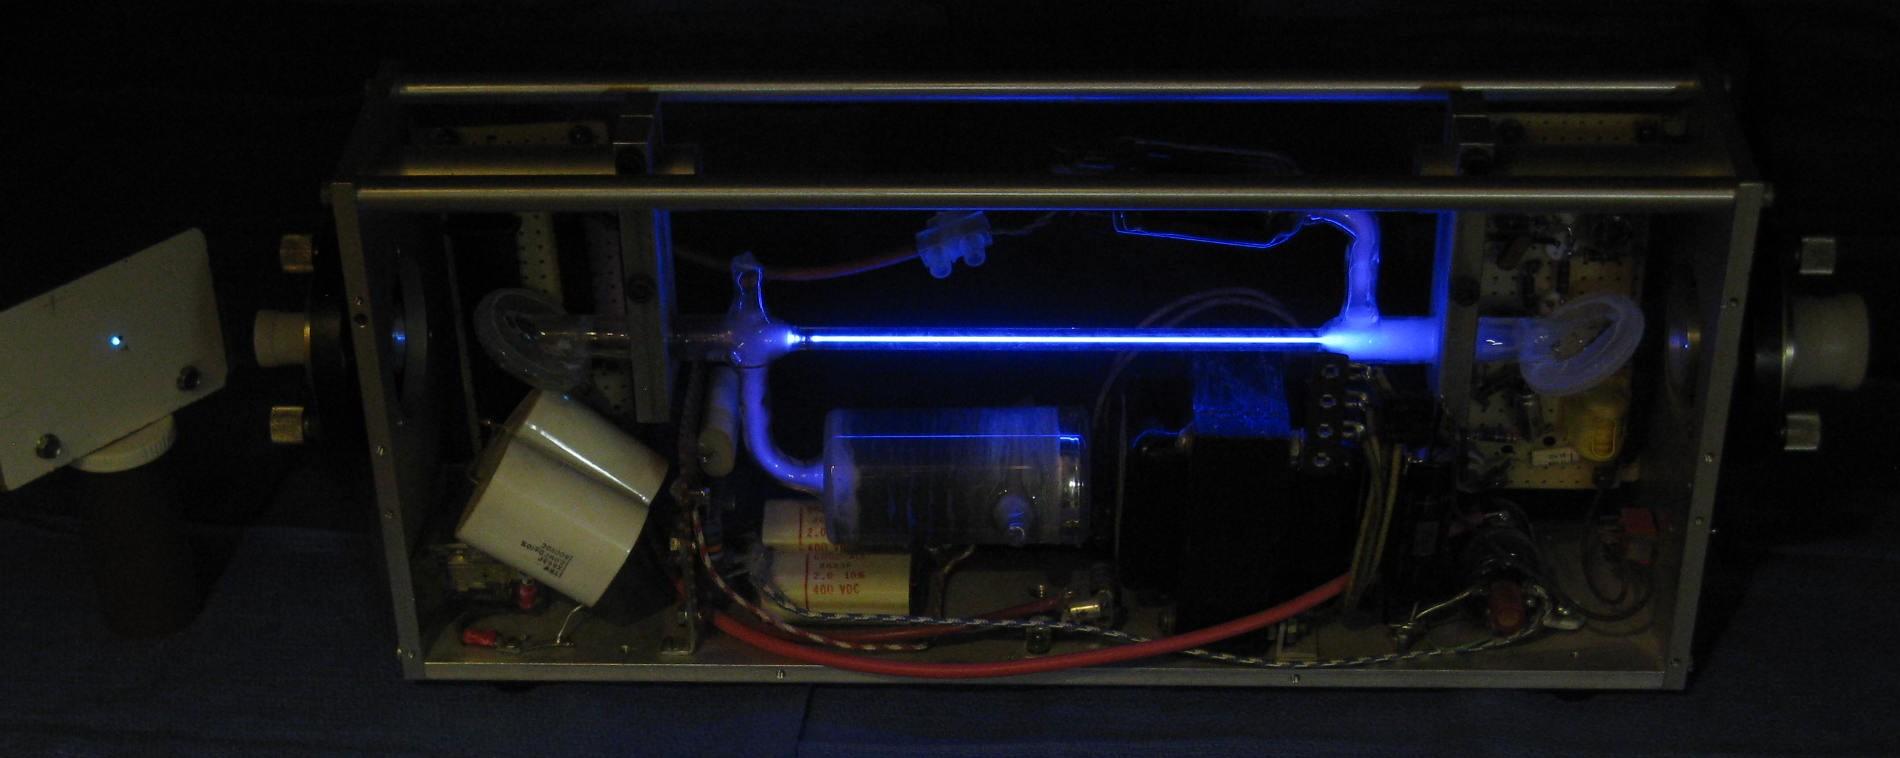 Лазер аргоновый фото